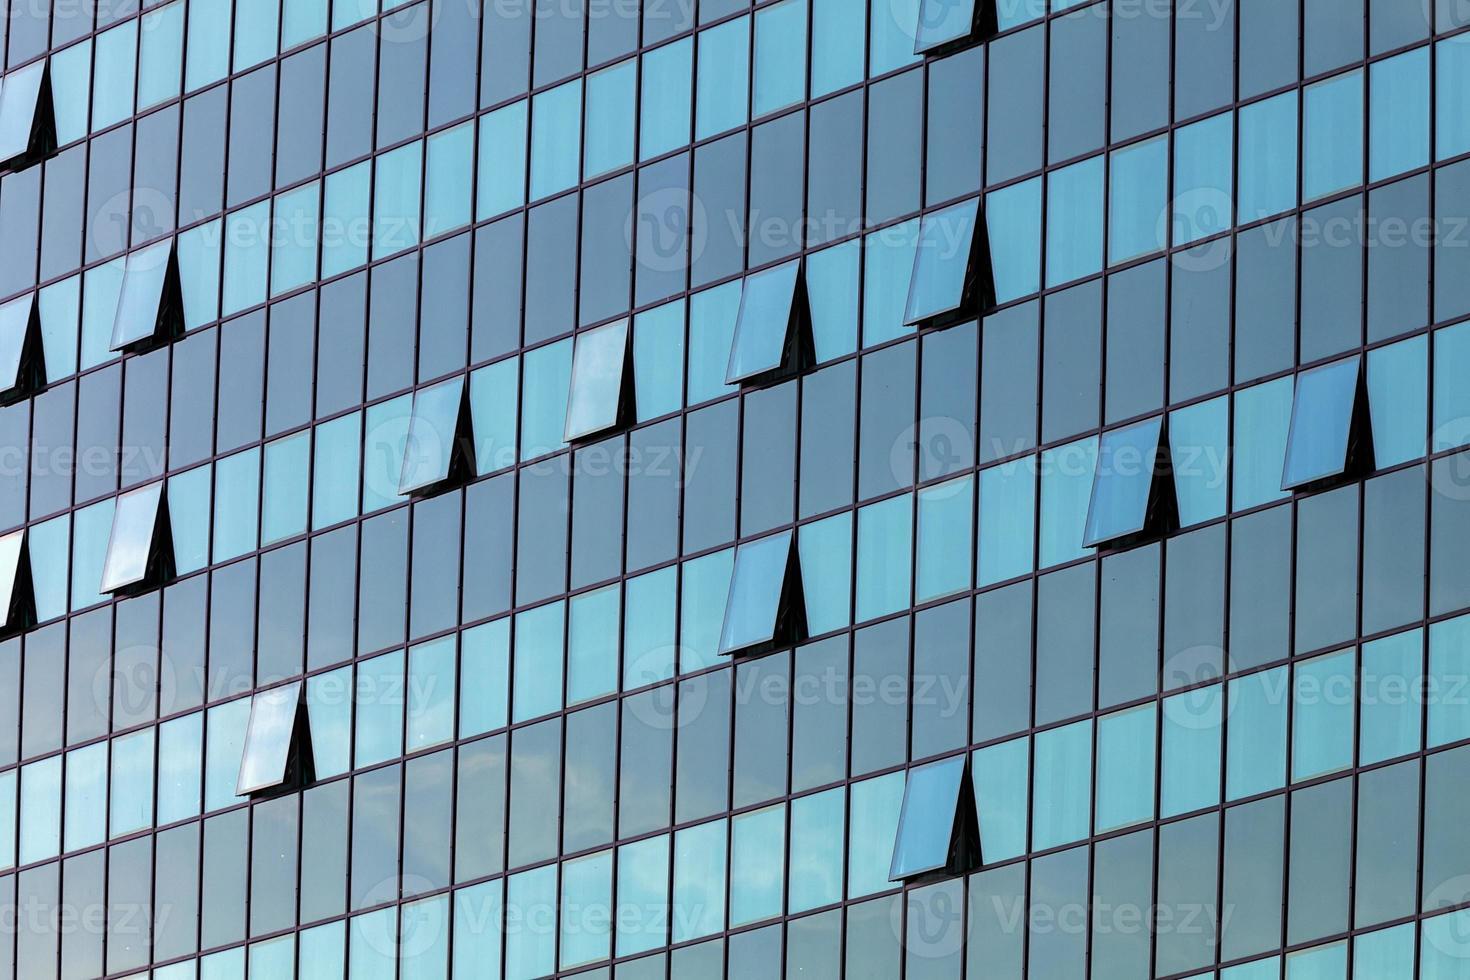 fachada de vidro com janelas abertas foto